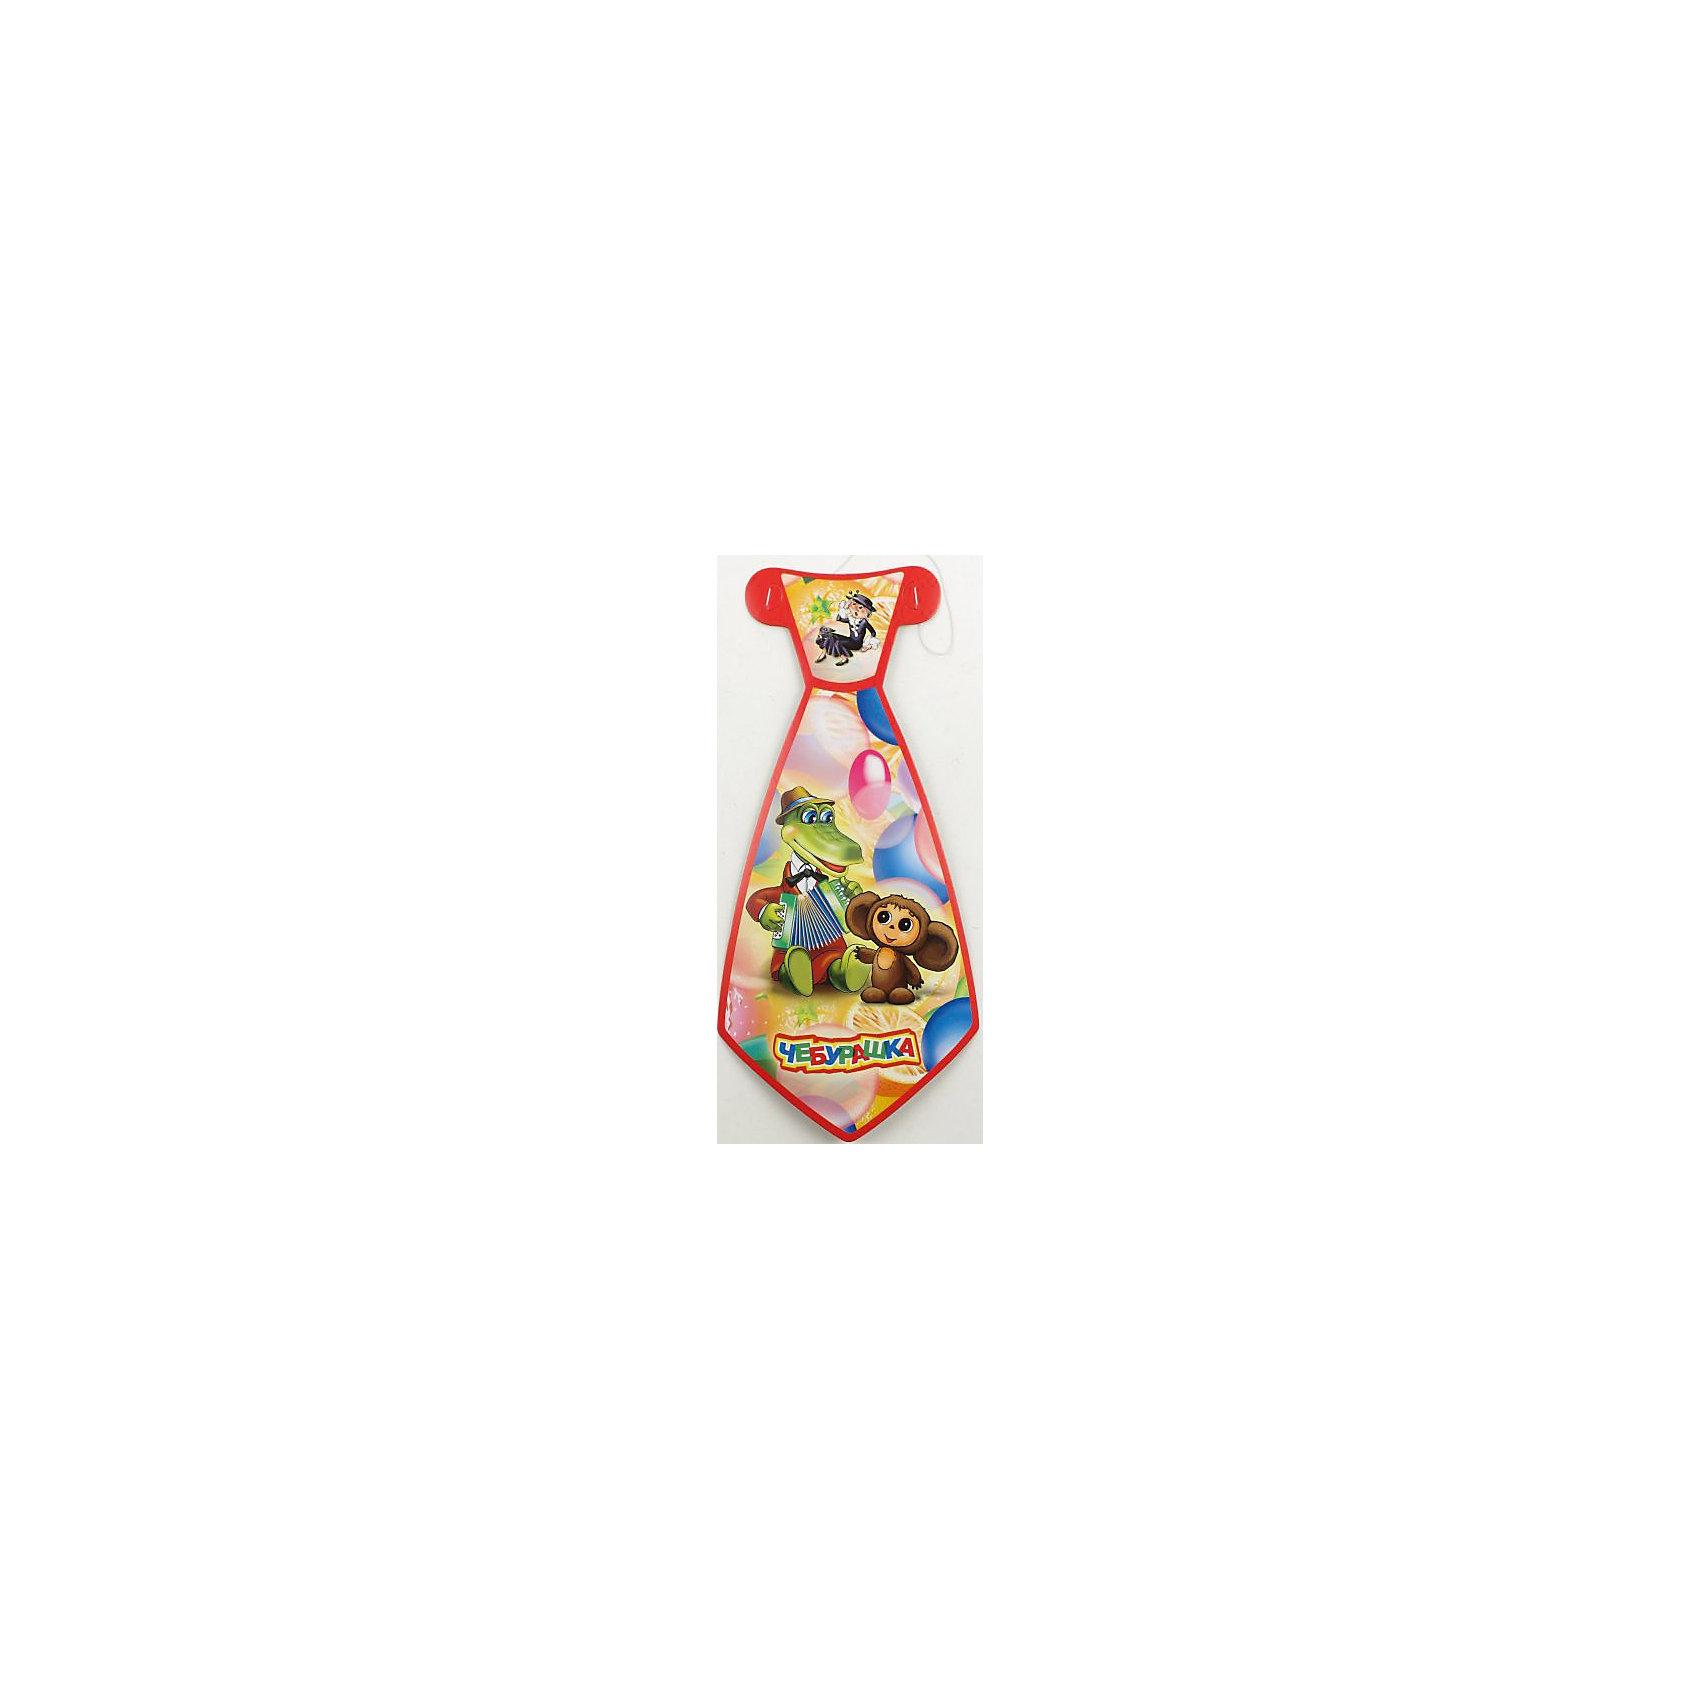 Набор из 6-и галстуков ЧебурашкаДетям нравятся забавные яркие вещи! Эти галстуки придутся кстати и создадут у детей некоторое чувство солидарности. Аксессуар сделан из картона, поэтому его не придется стирать, и при желании можно сделать копию. Эта простая вещь с изображением крокодила Гены и Чебурашки создана, чтобы порадовать ребенка в его праздник!<br><br>Дополнительная информация:<br><br>- Возраст: от 3 лет.<br>- Комплект: 6 галстуков.<br>- Материал: картон.<br>- Размер галстука: 14х30 см.<br>- Размер упаковки: 38х15х1 см.<br>- Вес в упаковке: 60 г.<br><br>Купить набор из 6-и галстуков Чебурашка  можно в нашем магазине.<br><br>Ширина мм: 38<br>Глубина мм: 15<br>Высота мм: 1<br>Вес г: 60<br>Возраст от месяцев: 12<br>Возраст до месяцев: 2147483647<br>Пол: Унисекс<br>Возраст: Детский<br>SKU: 4797446